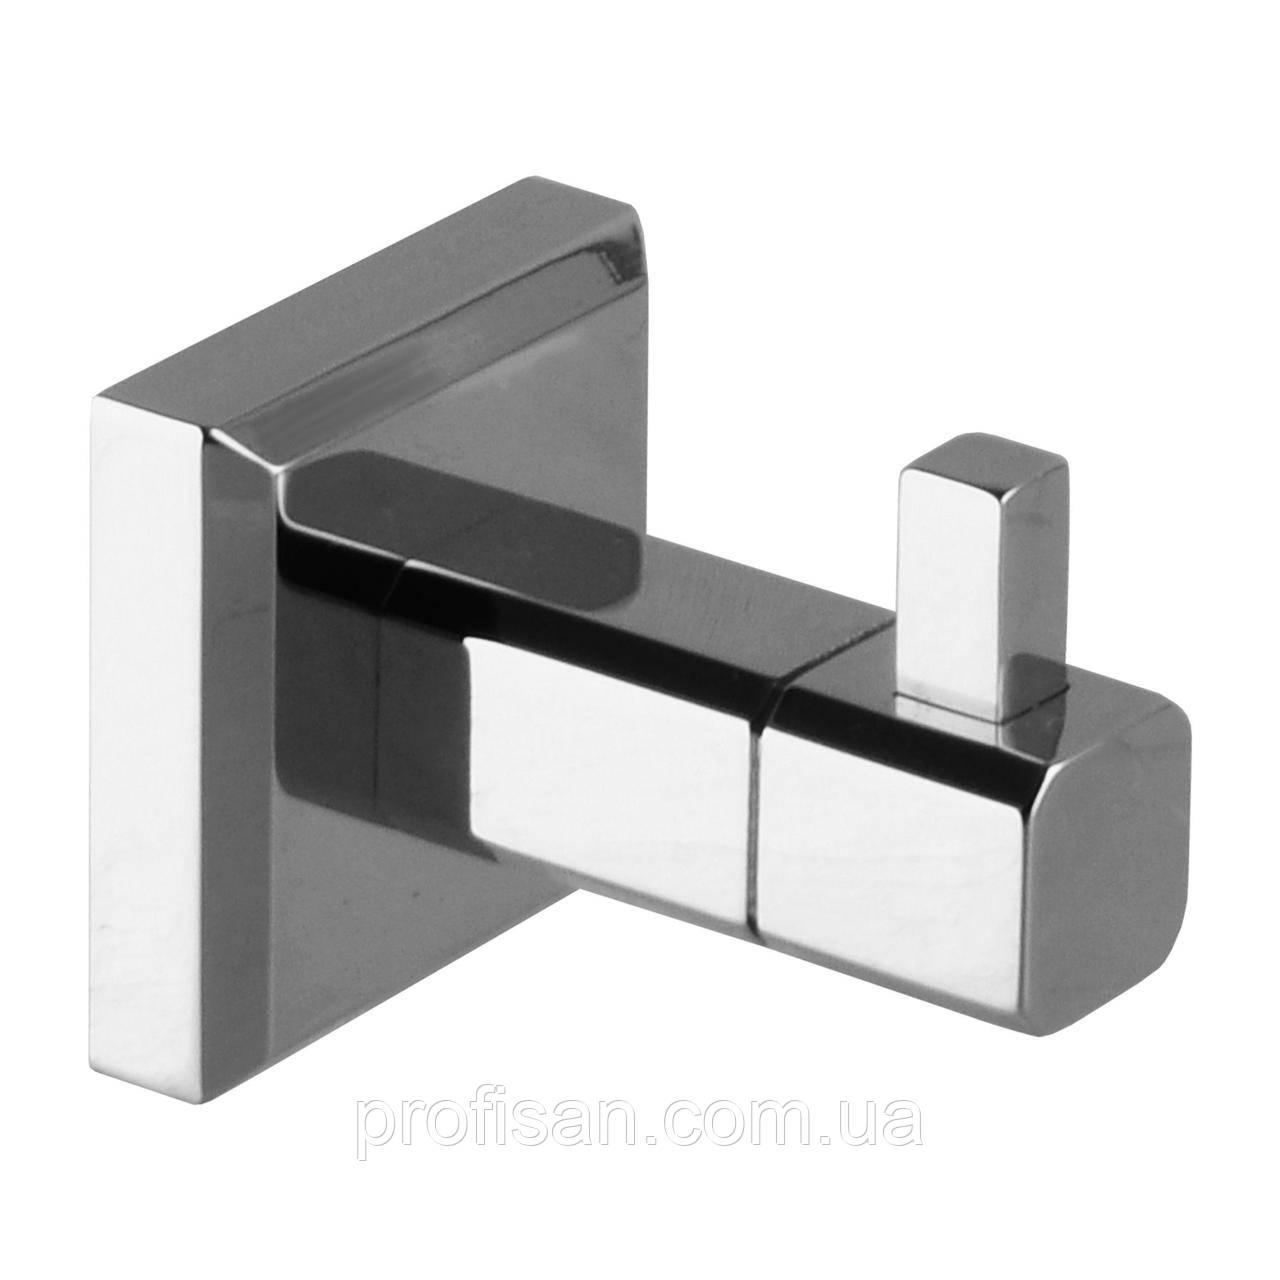 Крючек Perfect Sanitary Appliances KB 9915